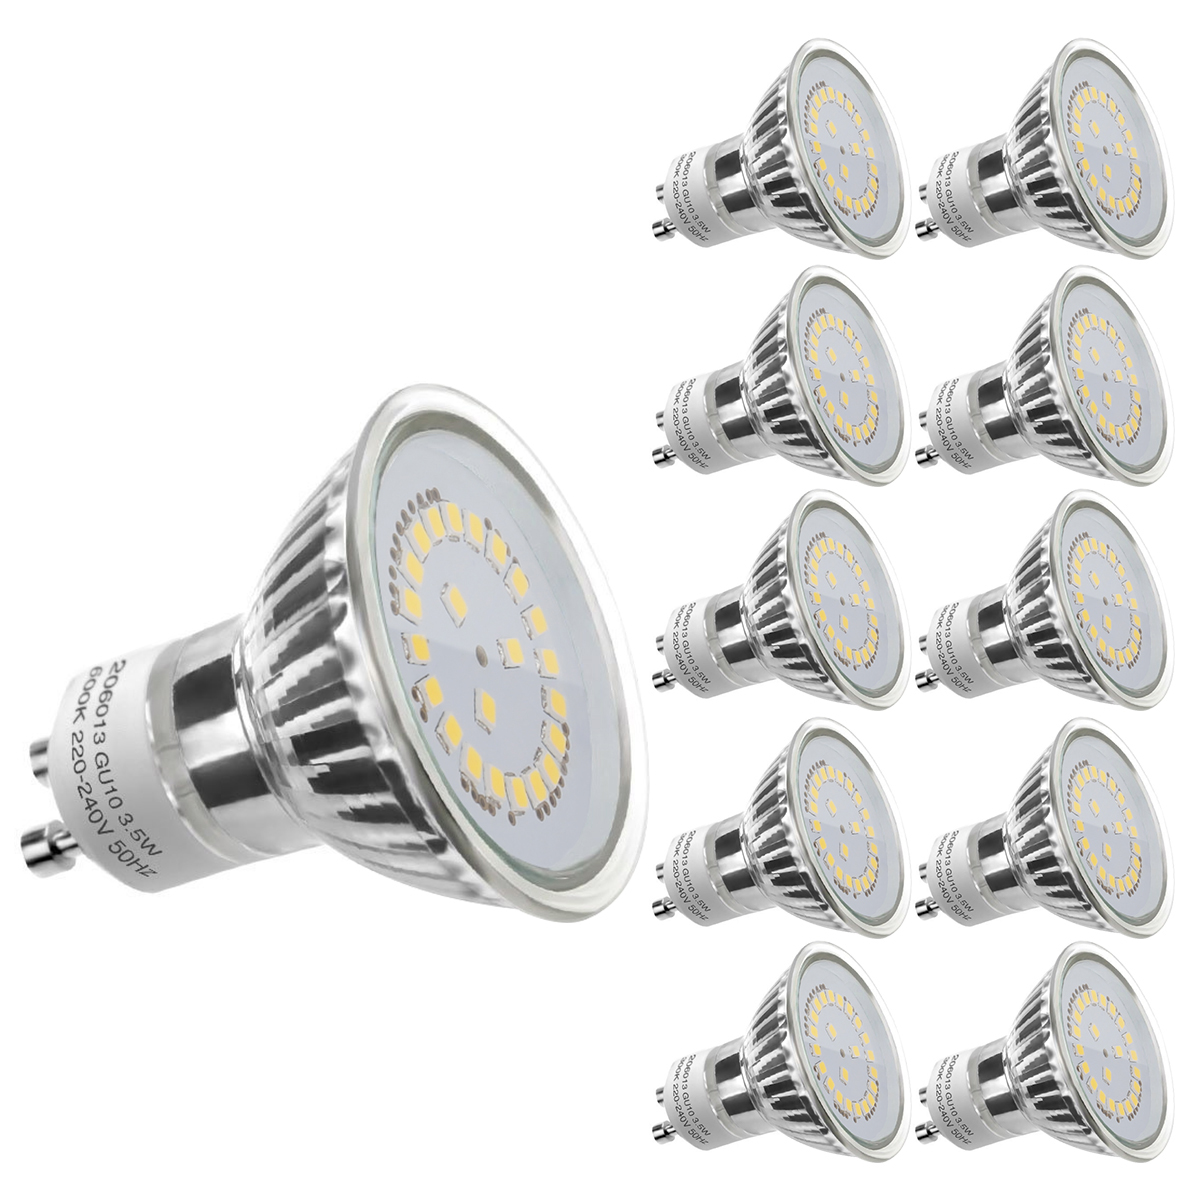 3,5W GU10 MR16 Lampe, 350lm LED Strahler, Ersatz für 50W Halogenlampe, nicht wasserfest Kaltweiß, 10er Set